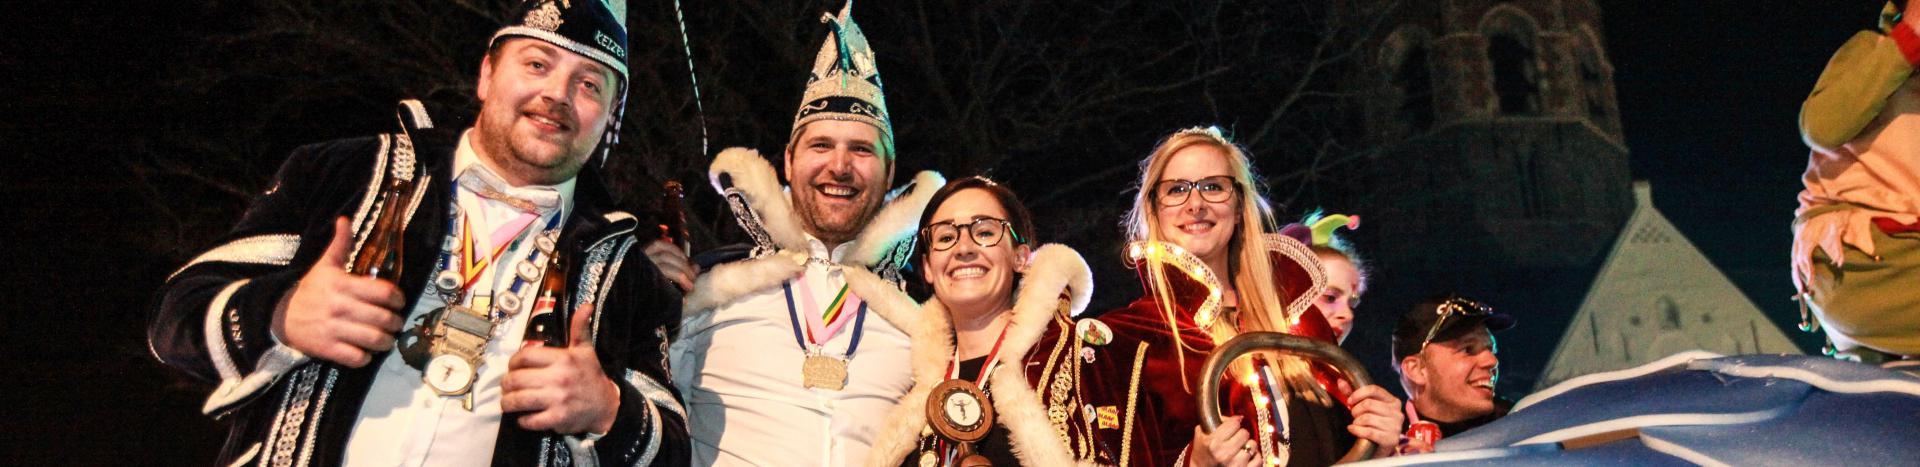 Verlichte carnavalsstoet